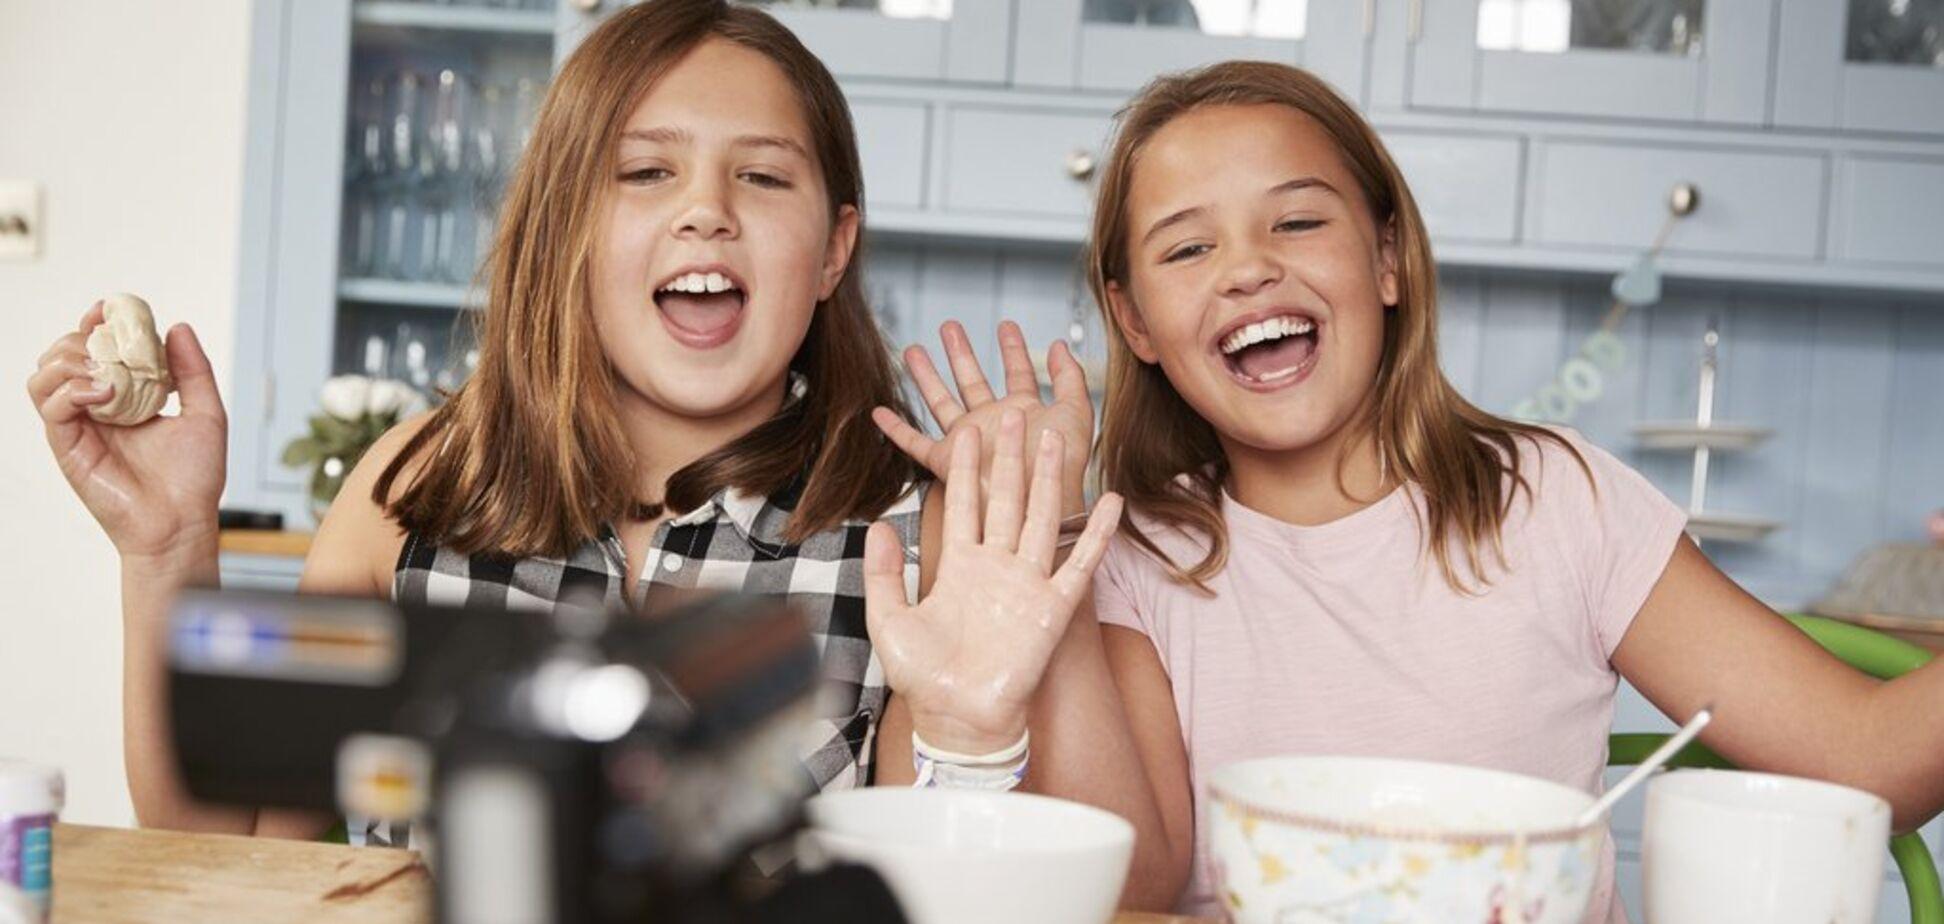 Я у мамы блогер: инструкция по воспитанию успешных детей